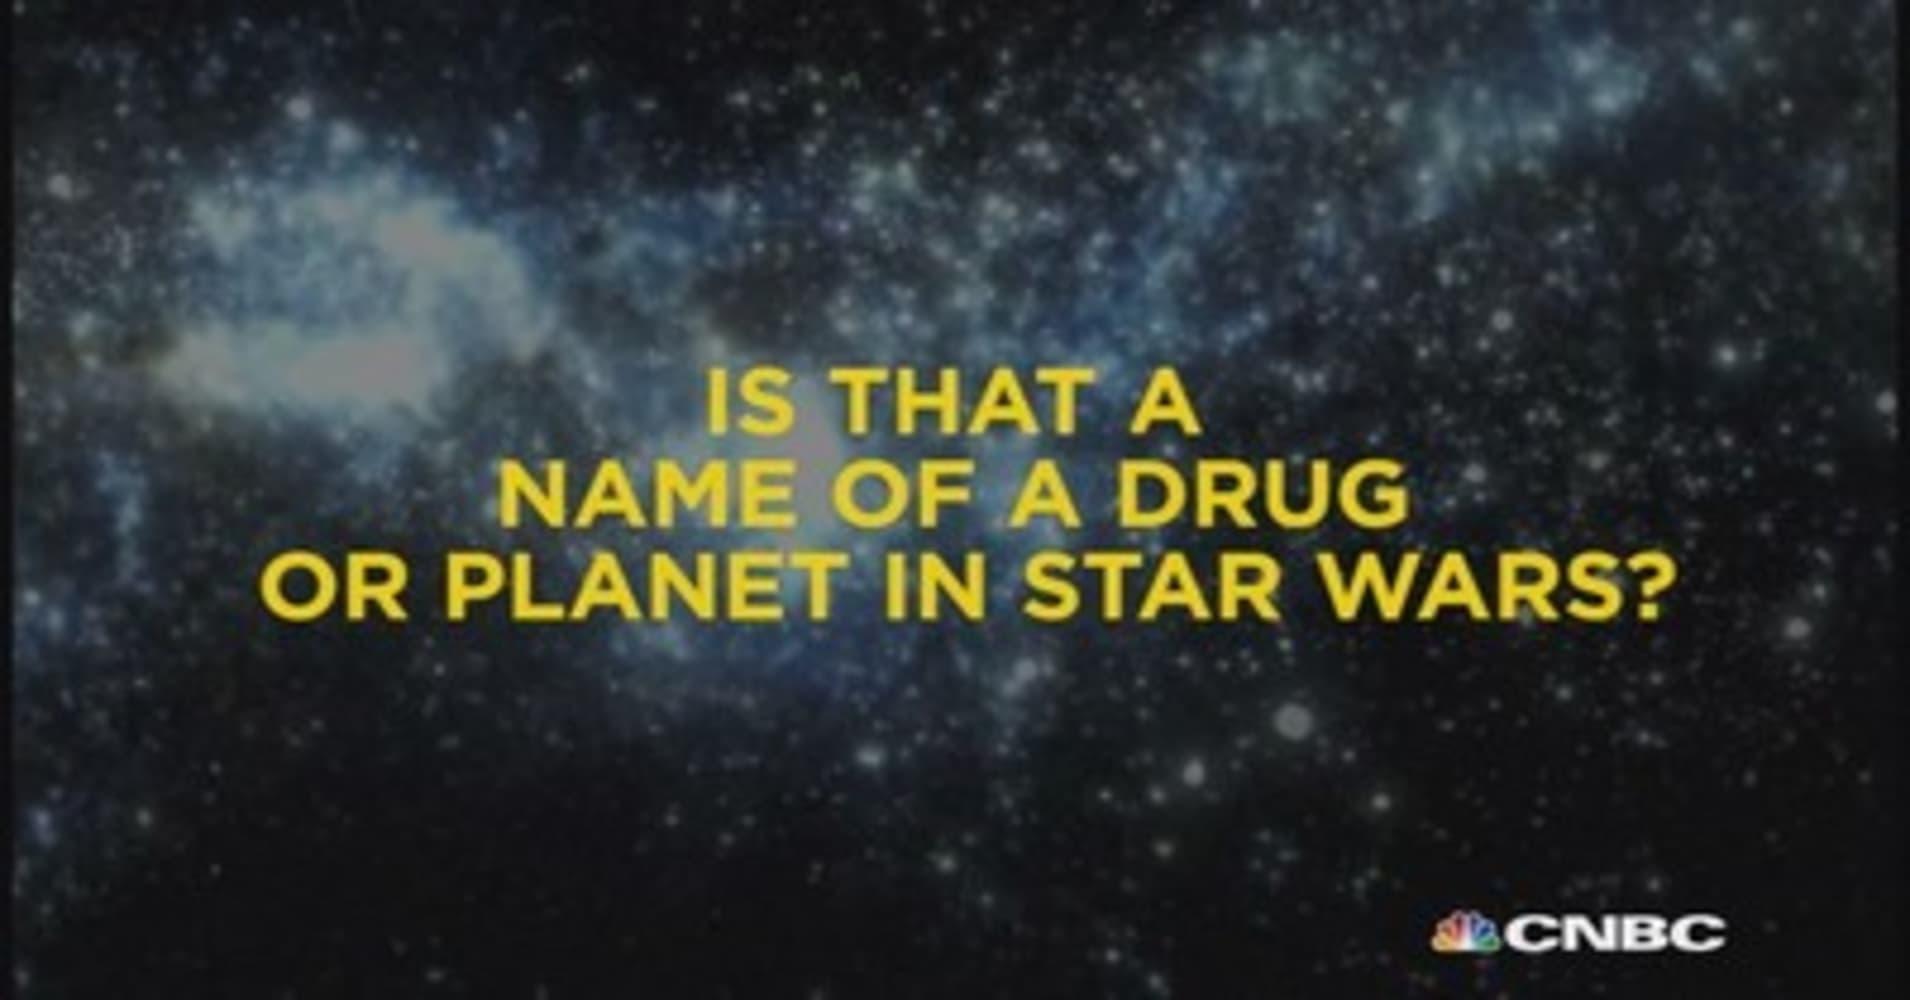 Drug name   or Star Wars planet?